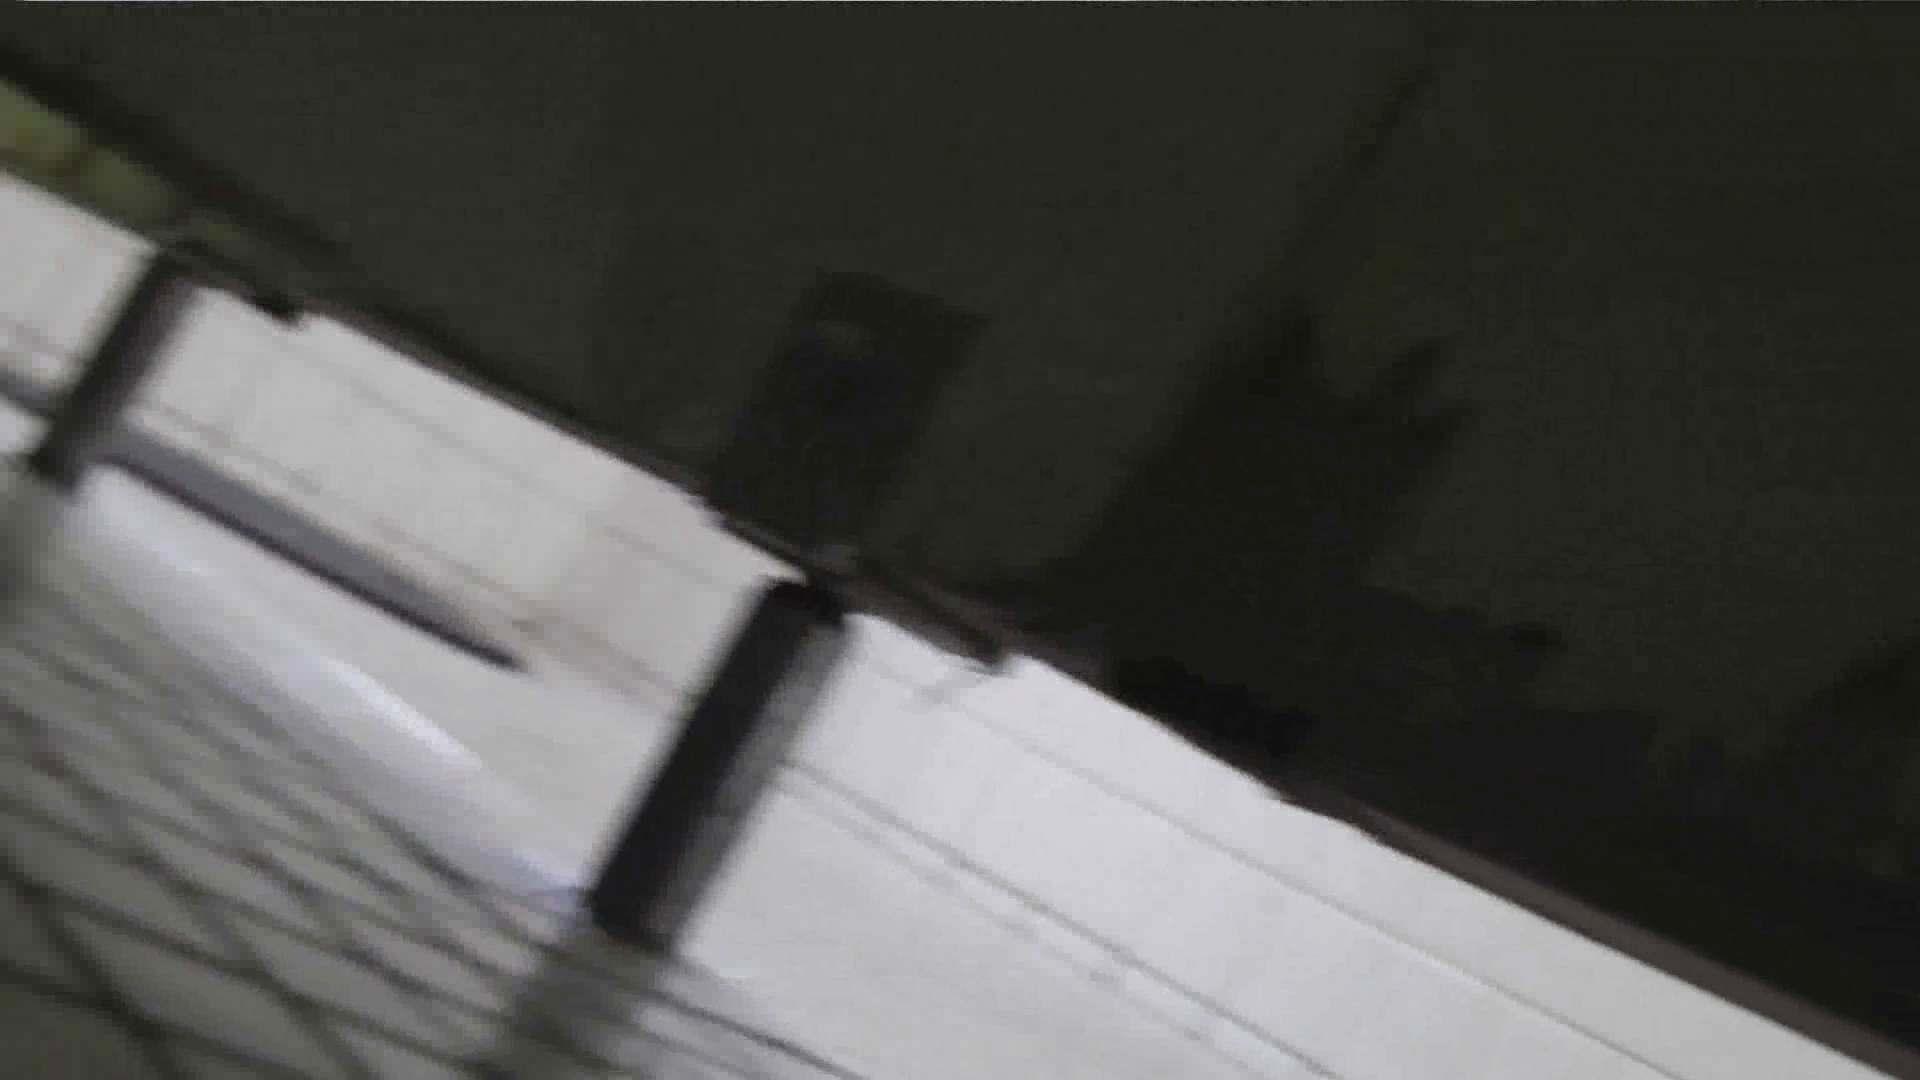 【美しき個室な世界】 vol.023 めんこい人たち 洗面所  100pic 9